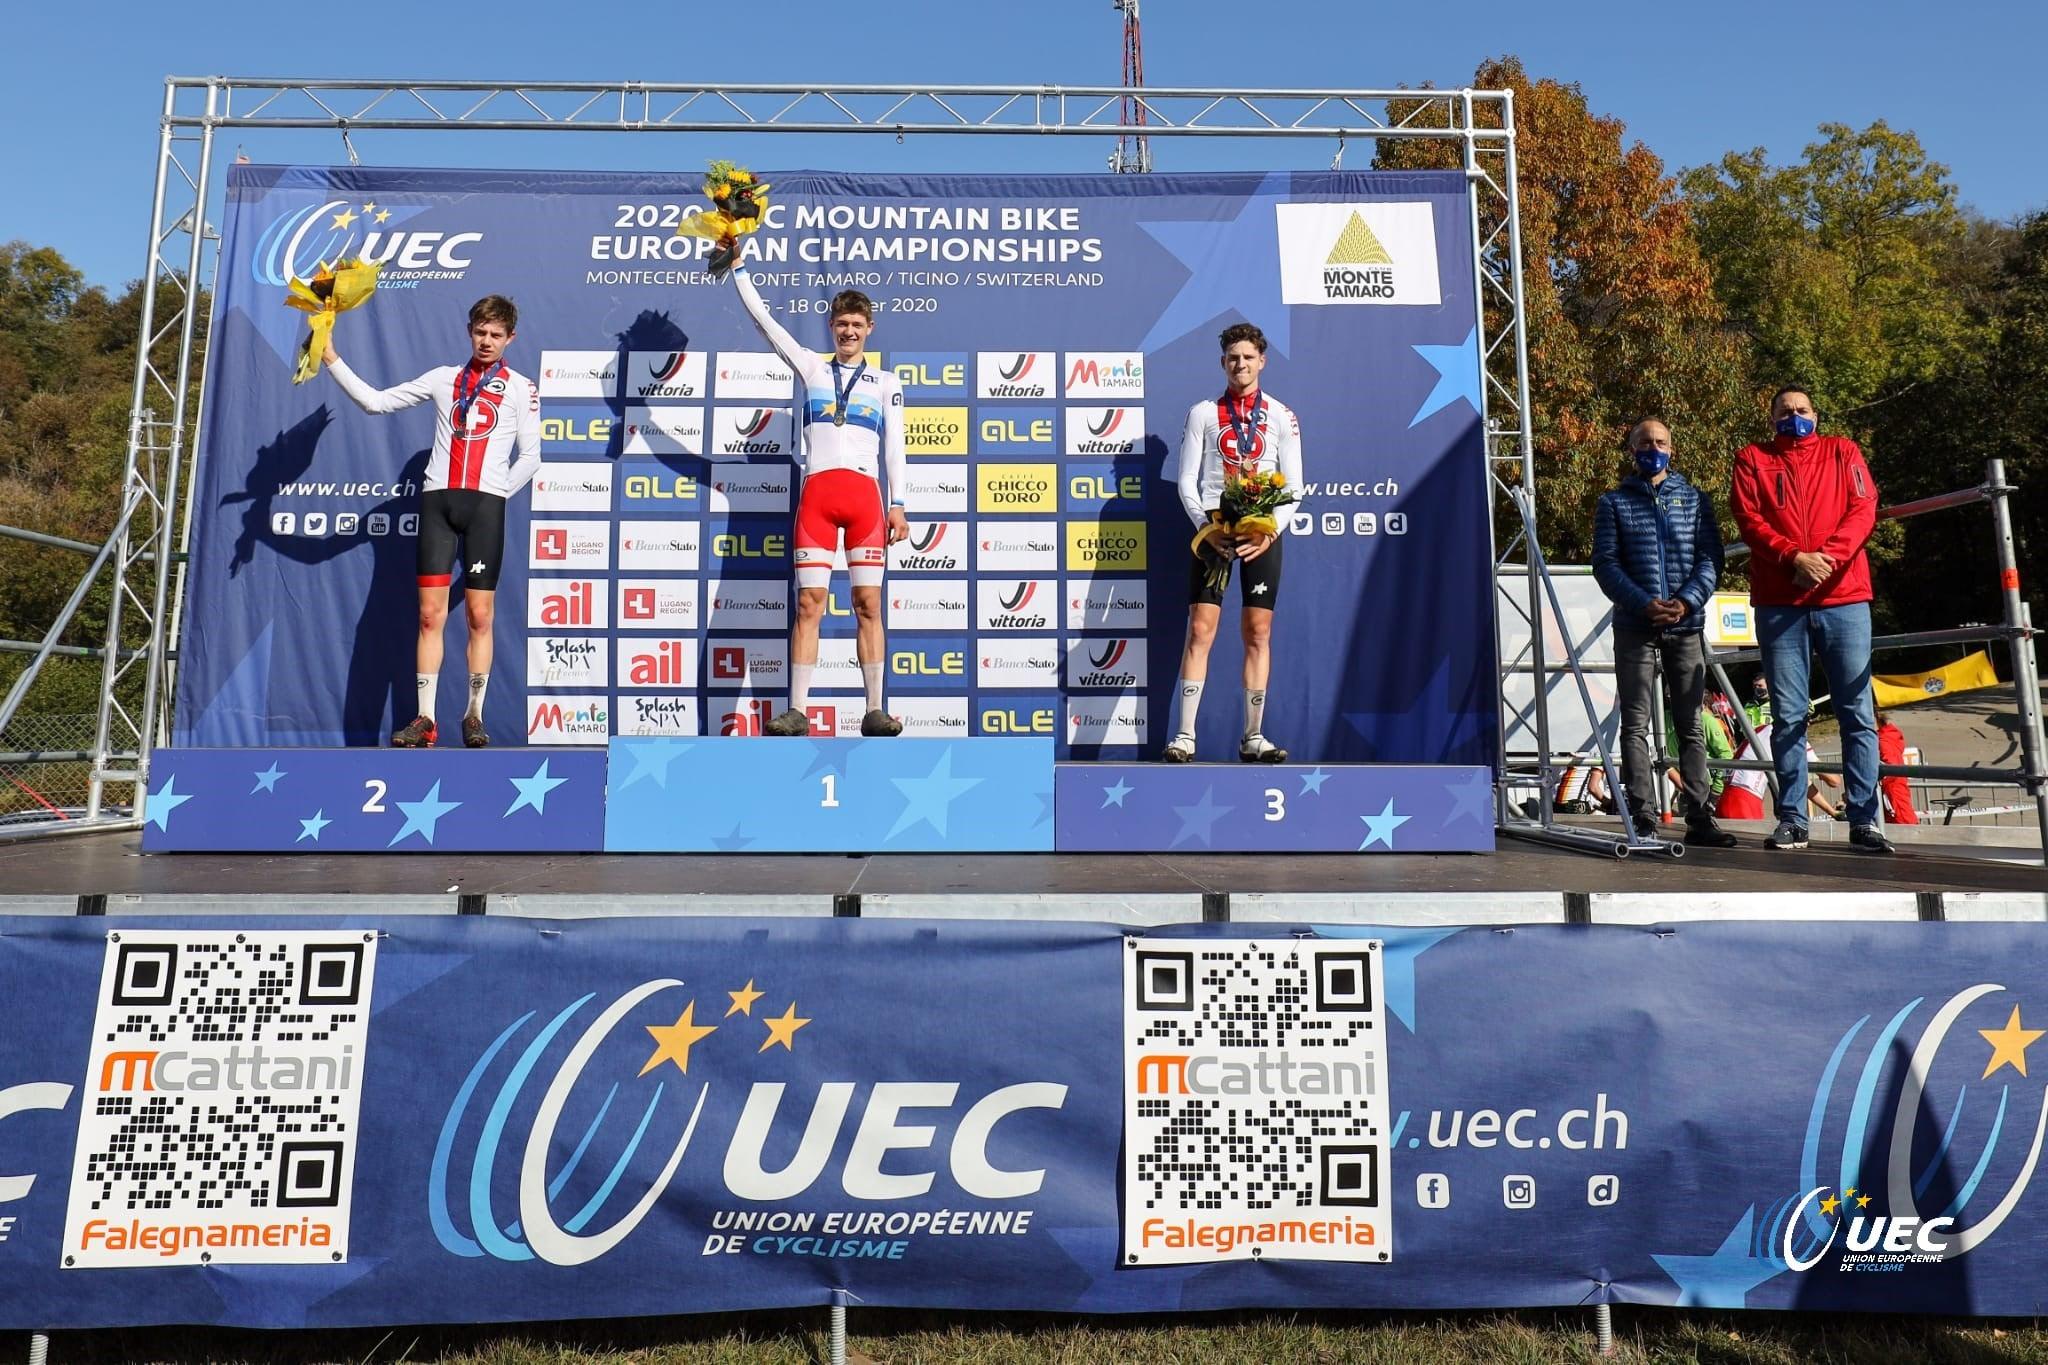 Il podio del Campionato Europeo XCO Juniores 2020 (foto Michele Mondini/UEC)